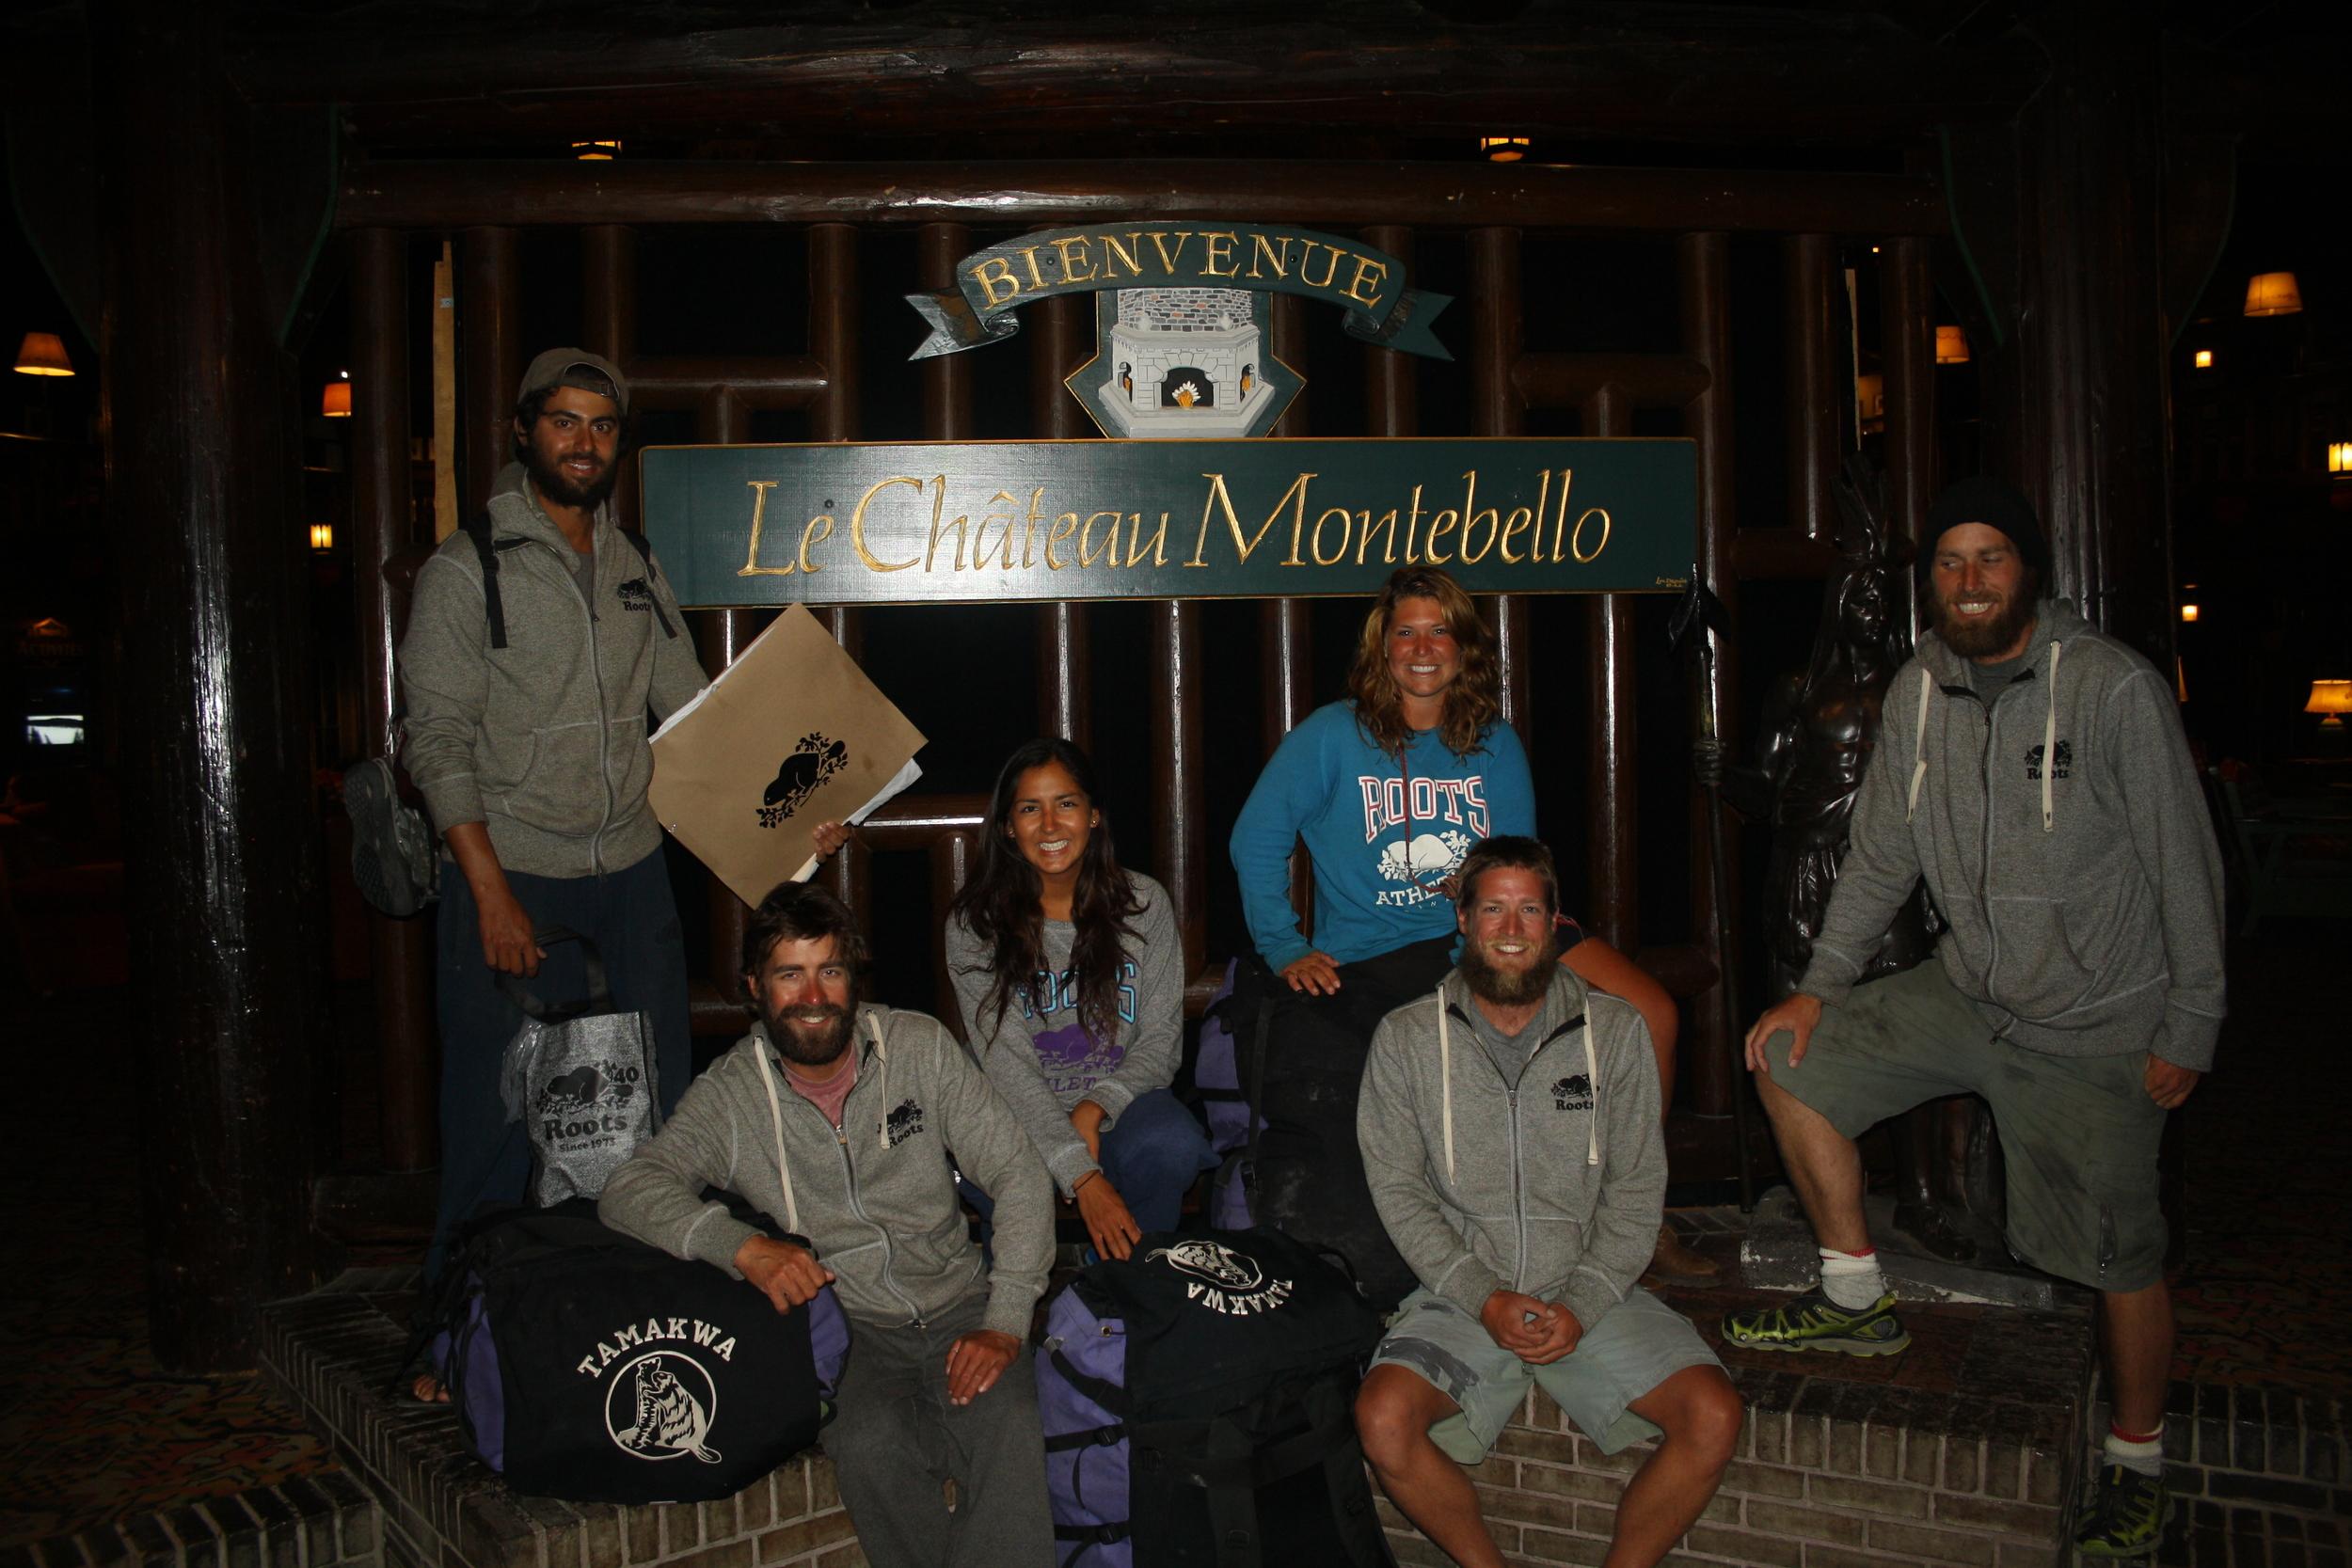 Best Campsite ever!